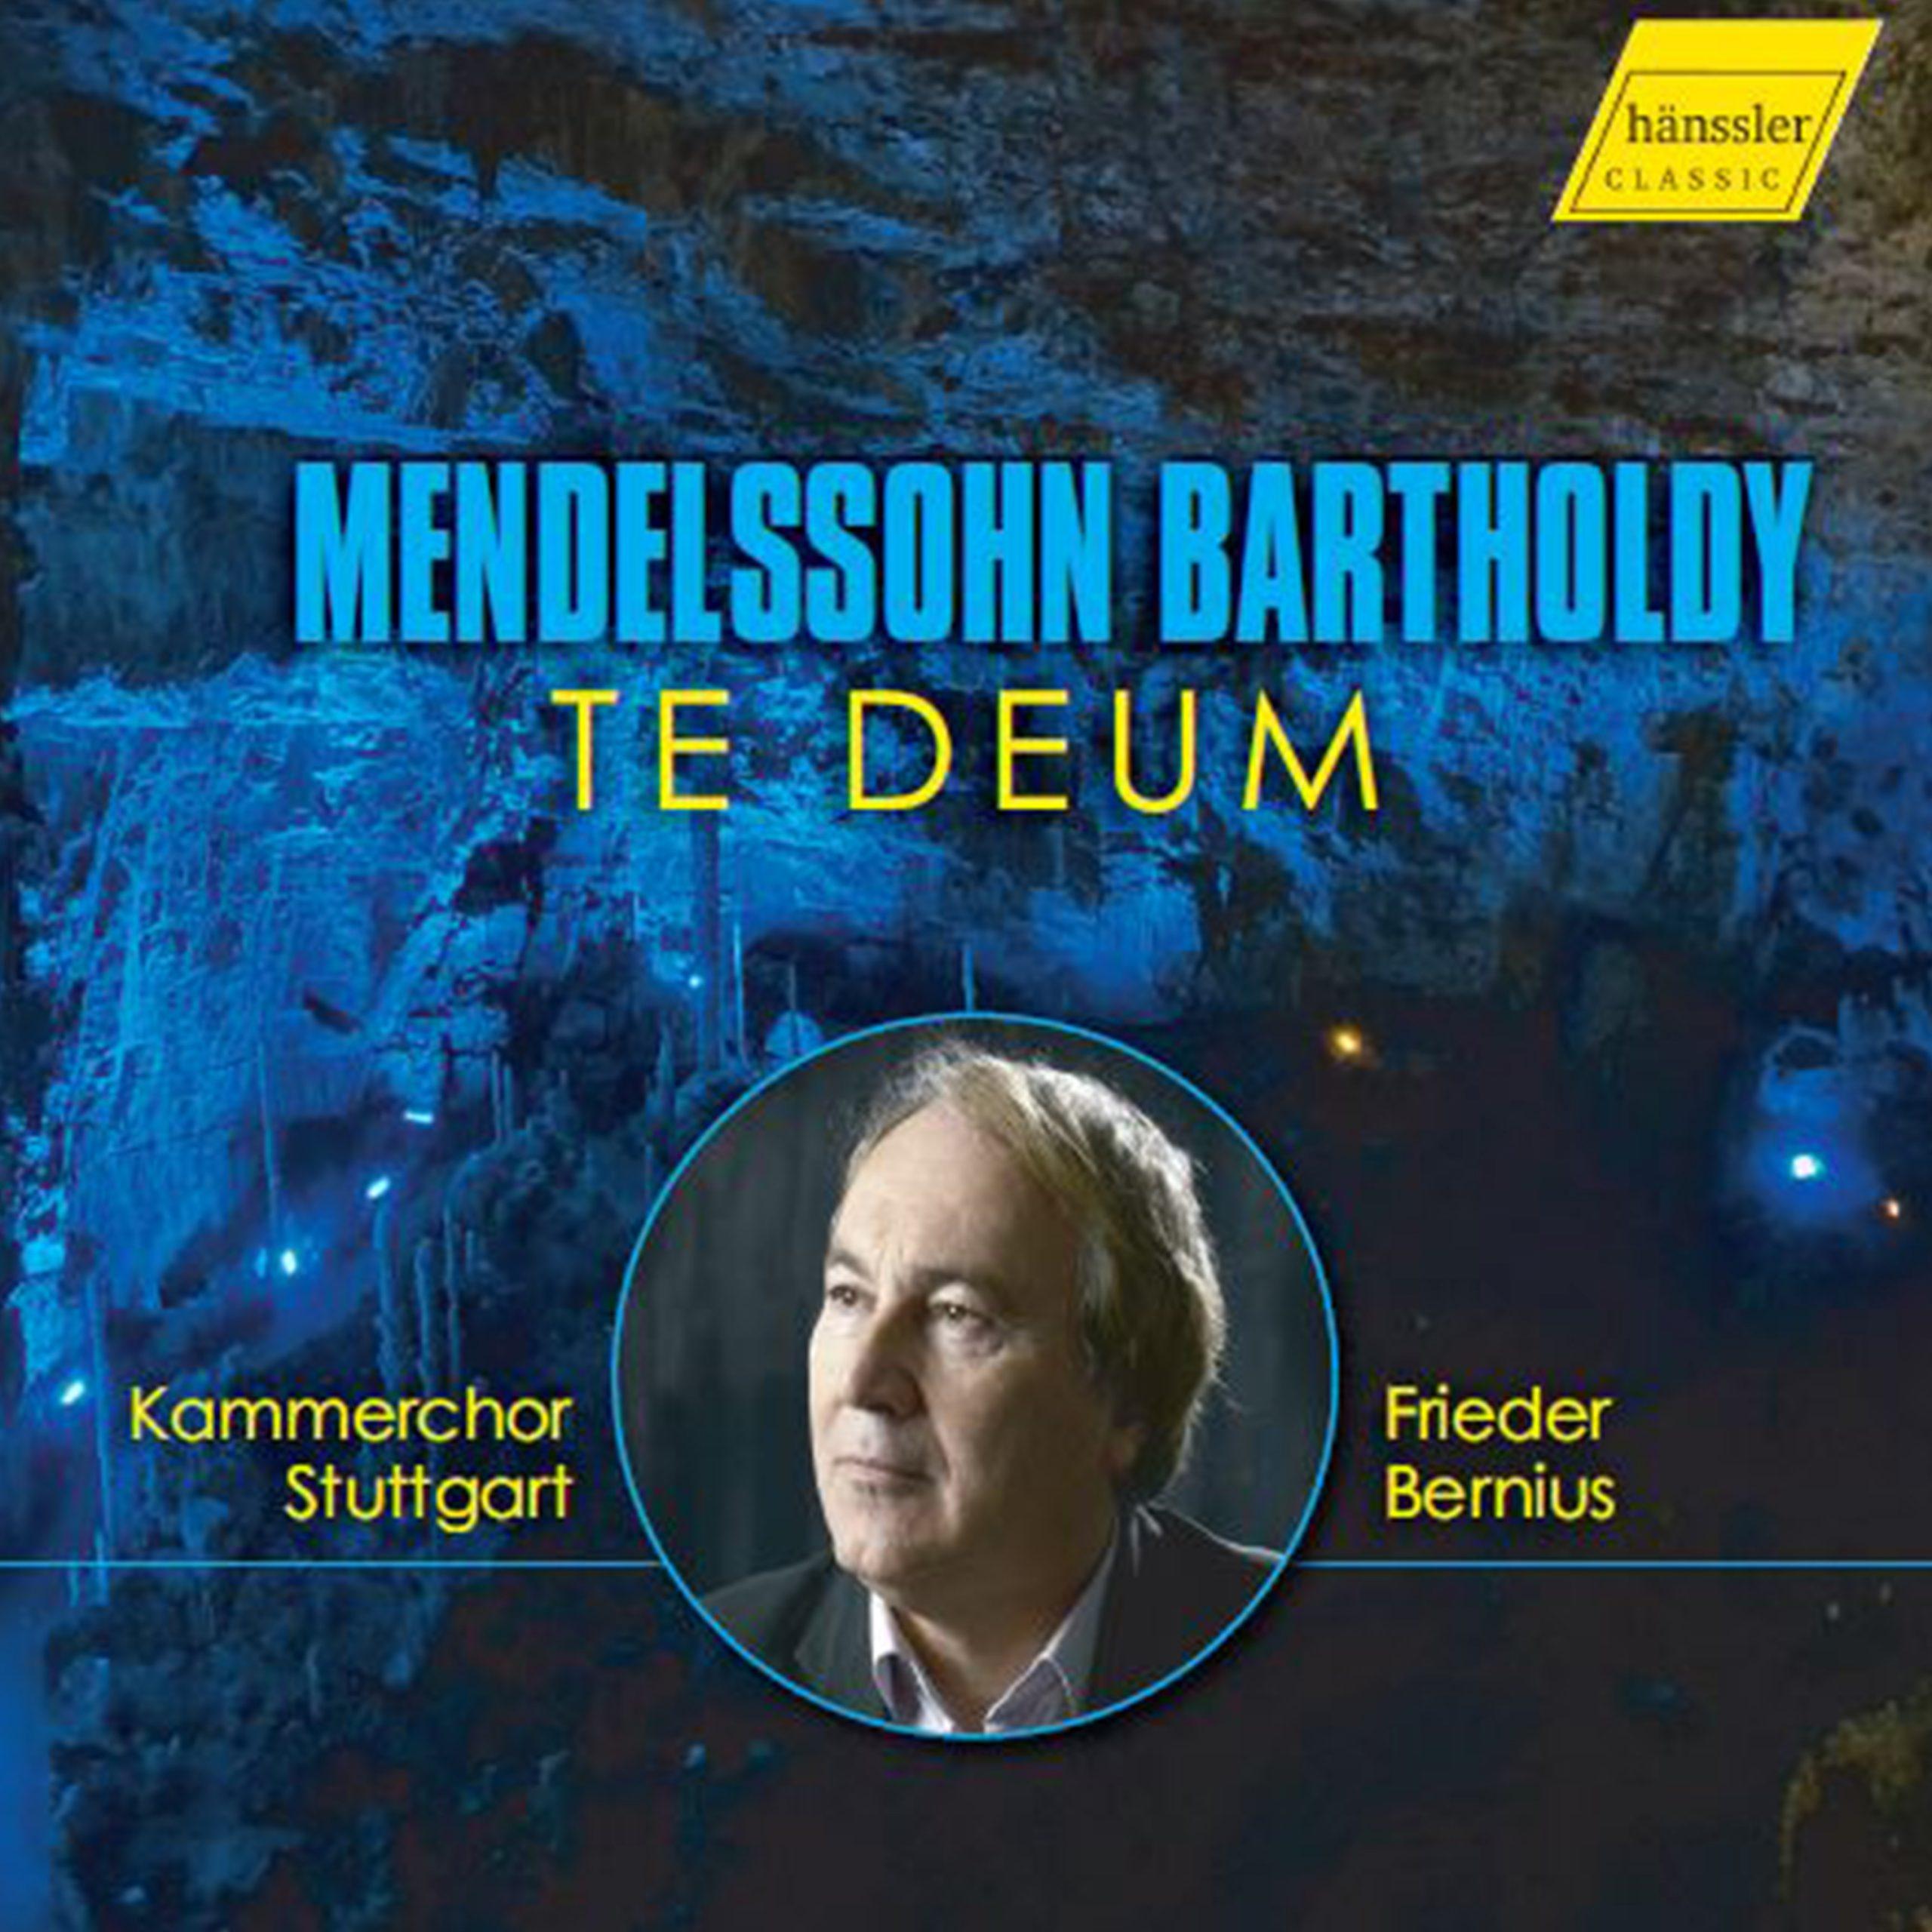 HC20034 Bernius Te Deum